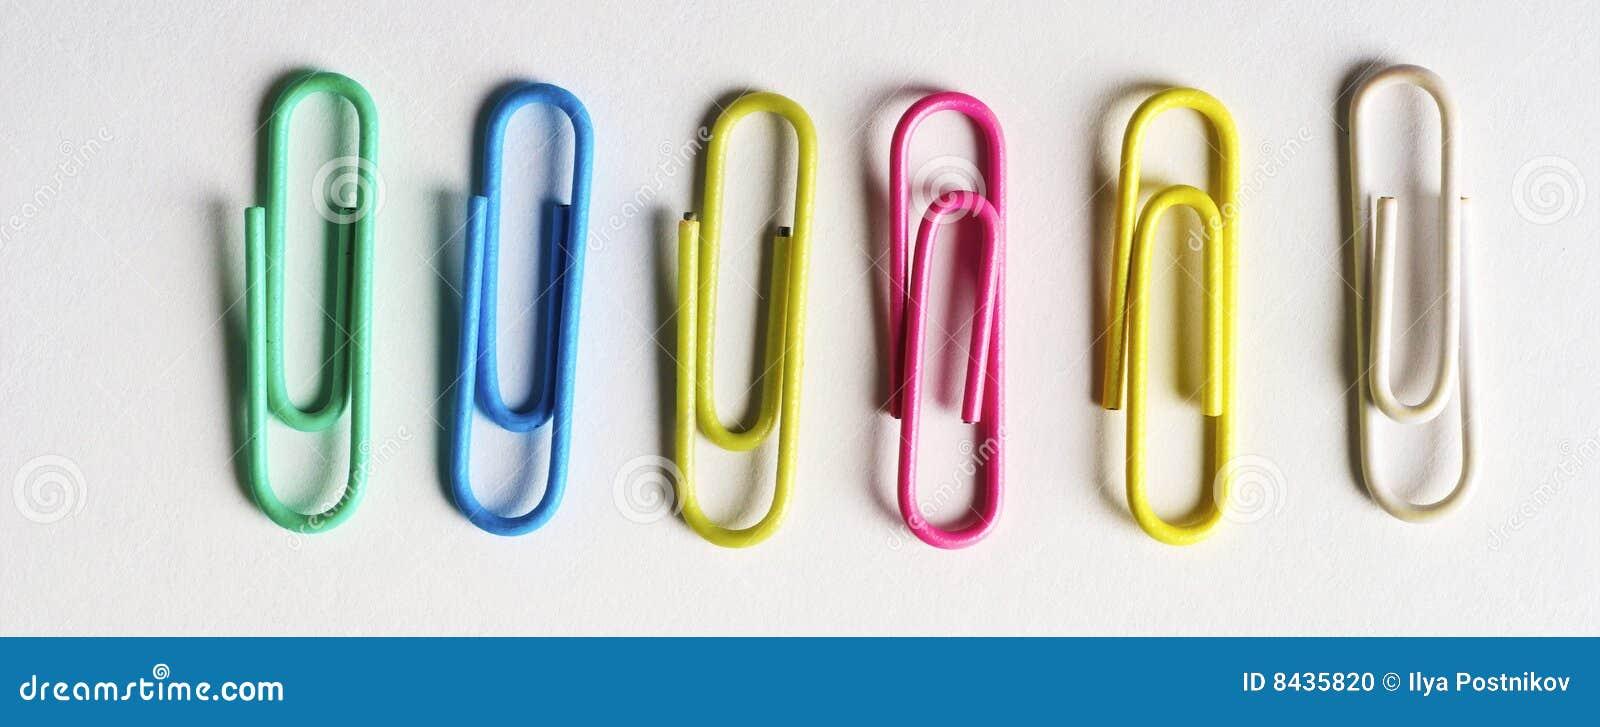 Clip colorata